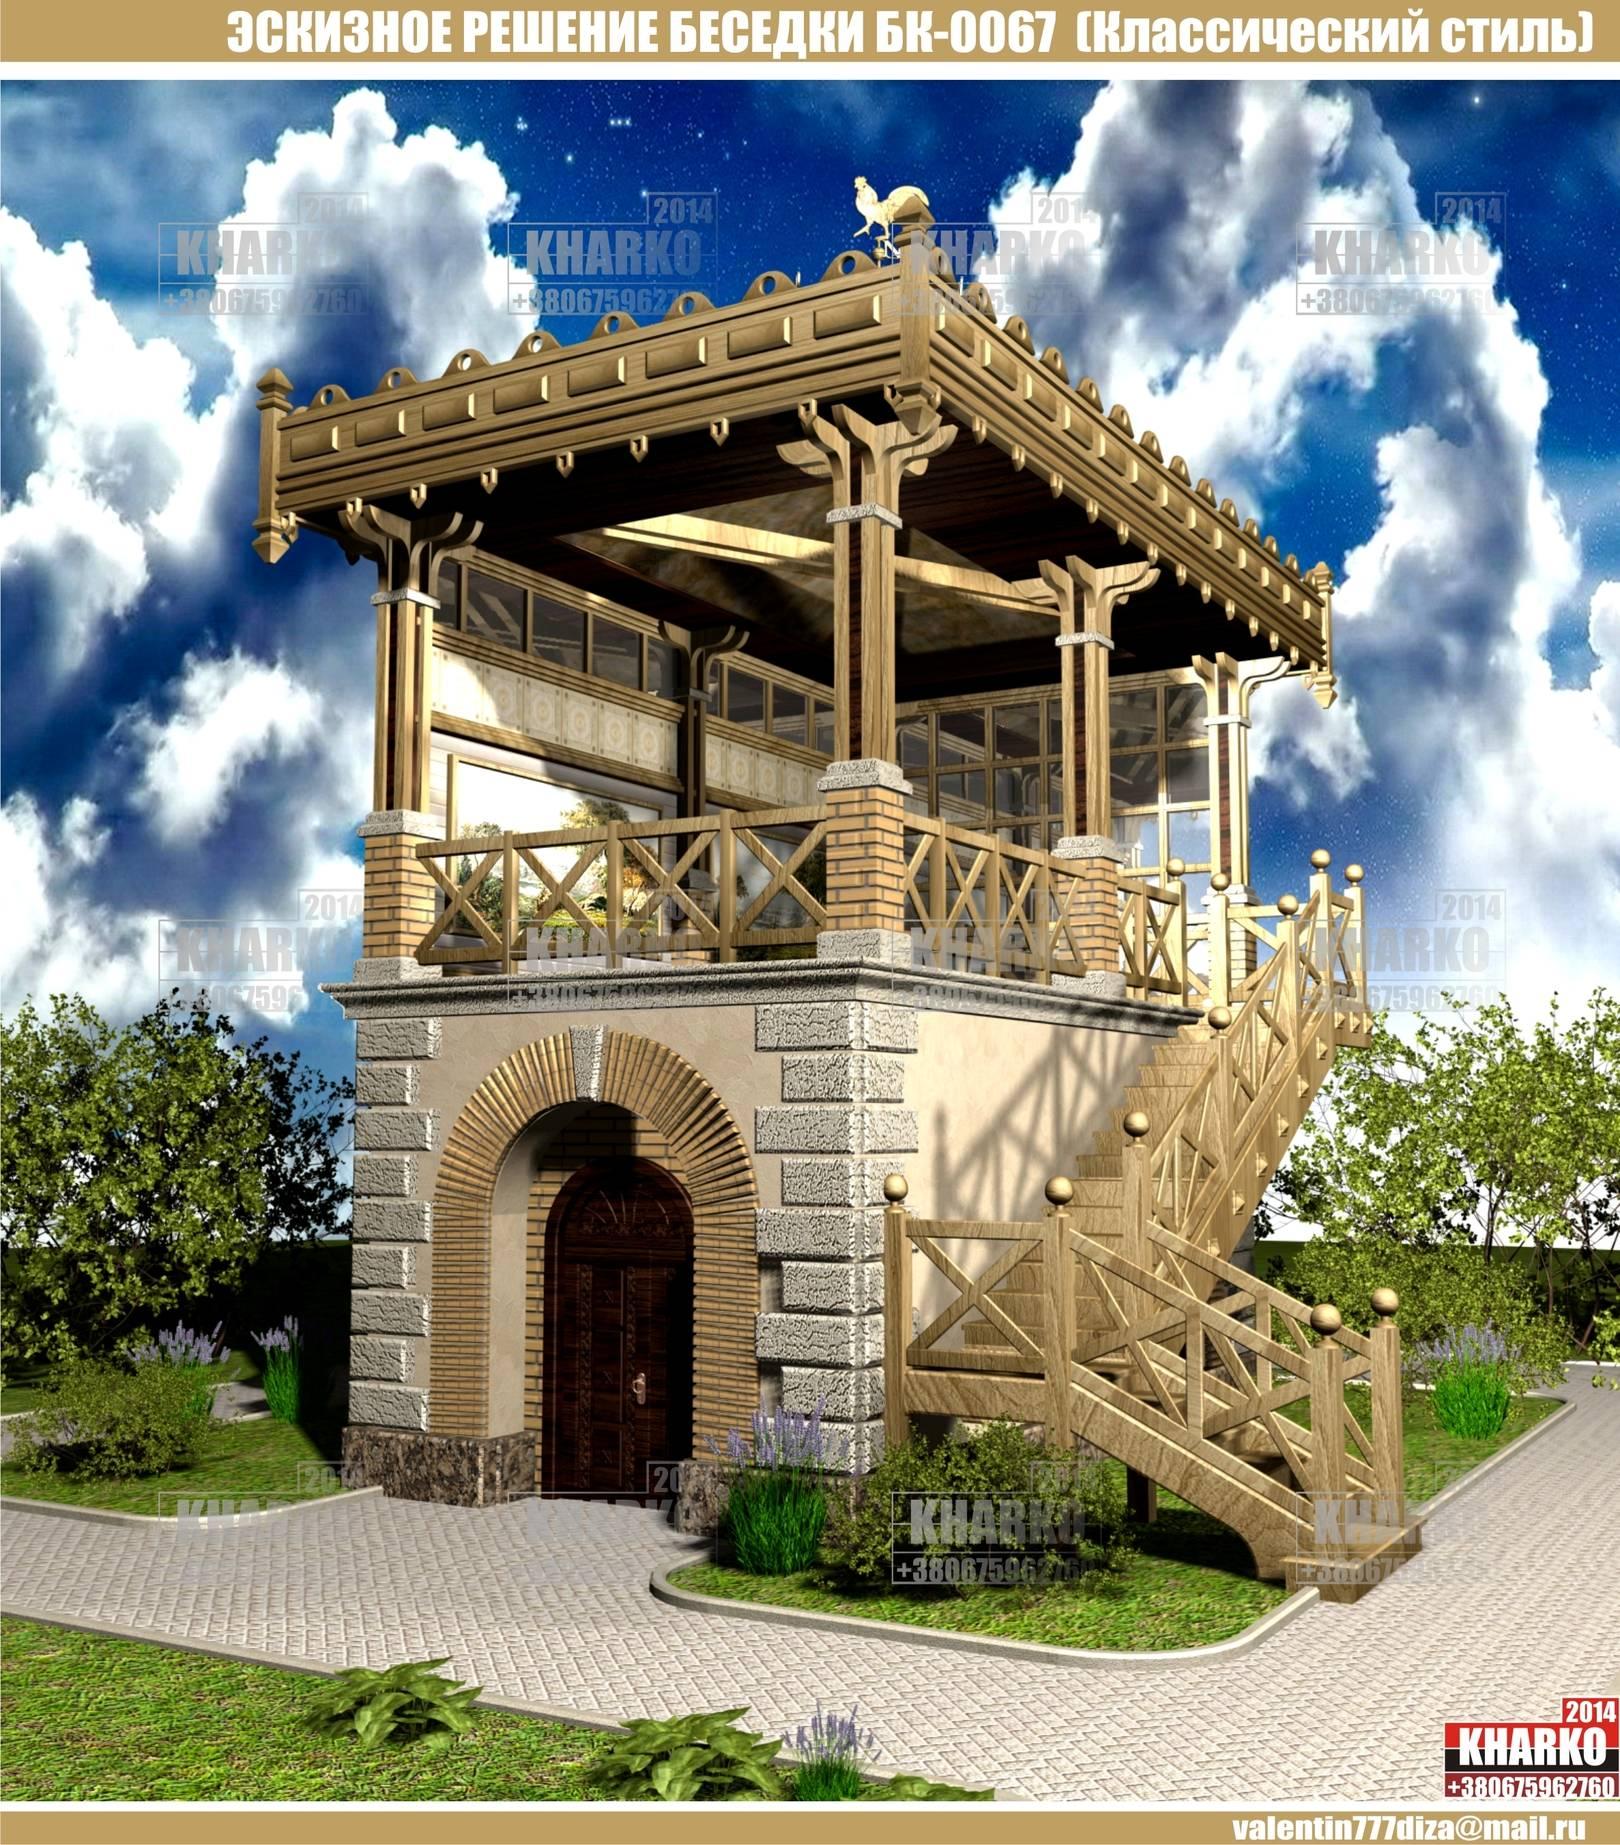 проект беседки БК-0067,  (классический стиль),project pergola, gazebo, shed  общая площадь беседки- 47,32 м. кв. эксплуатируемая площадь беседки-40 м.кв. габаритные размеры - 5,2 м. на 9,1 м. тип фундамента-монолитный ж/б материал наружной стены и опор-дерево, металл квадрат тип кровли- мягкая кровля 1 этаж используется как жилая комната, или хоз. комната площадью-40 кв.м. 2 этаж беседка 40 м. кв. Наружная отделка цоколя -декоративный камень Стоимость проекта- 2000 грн.